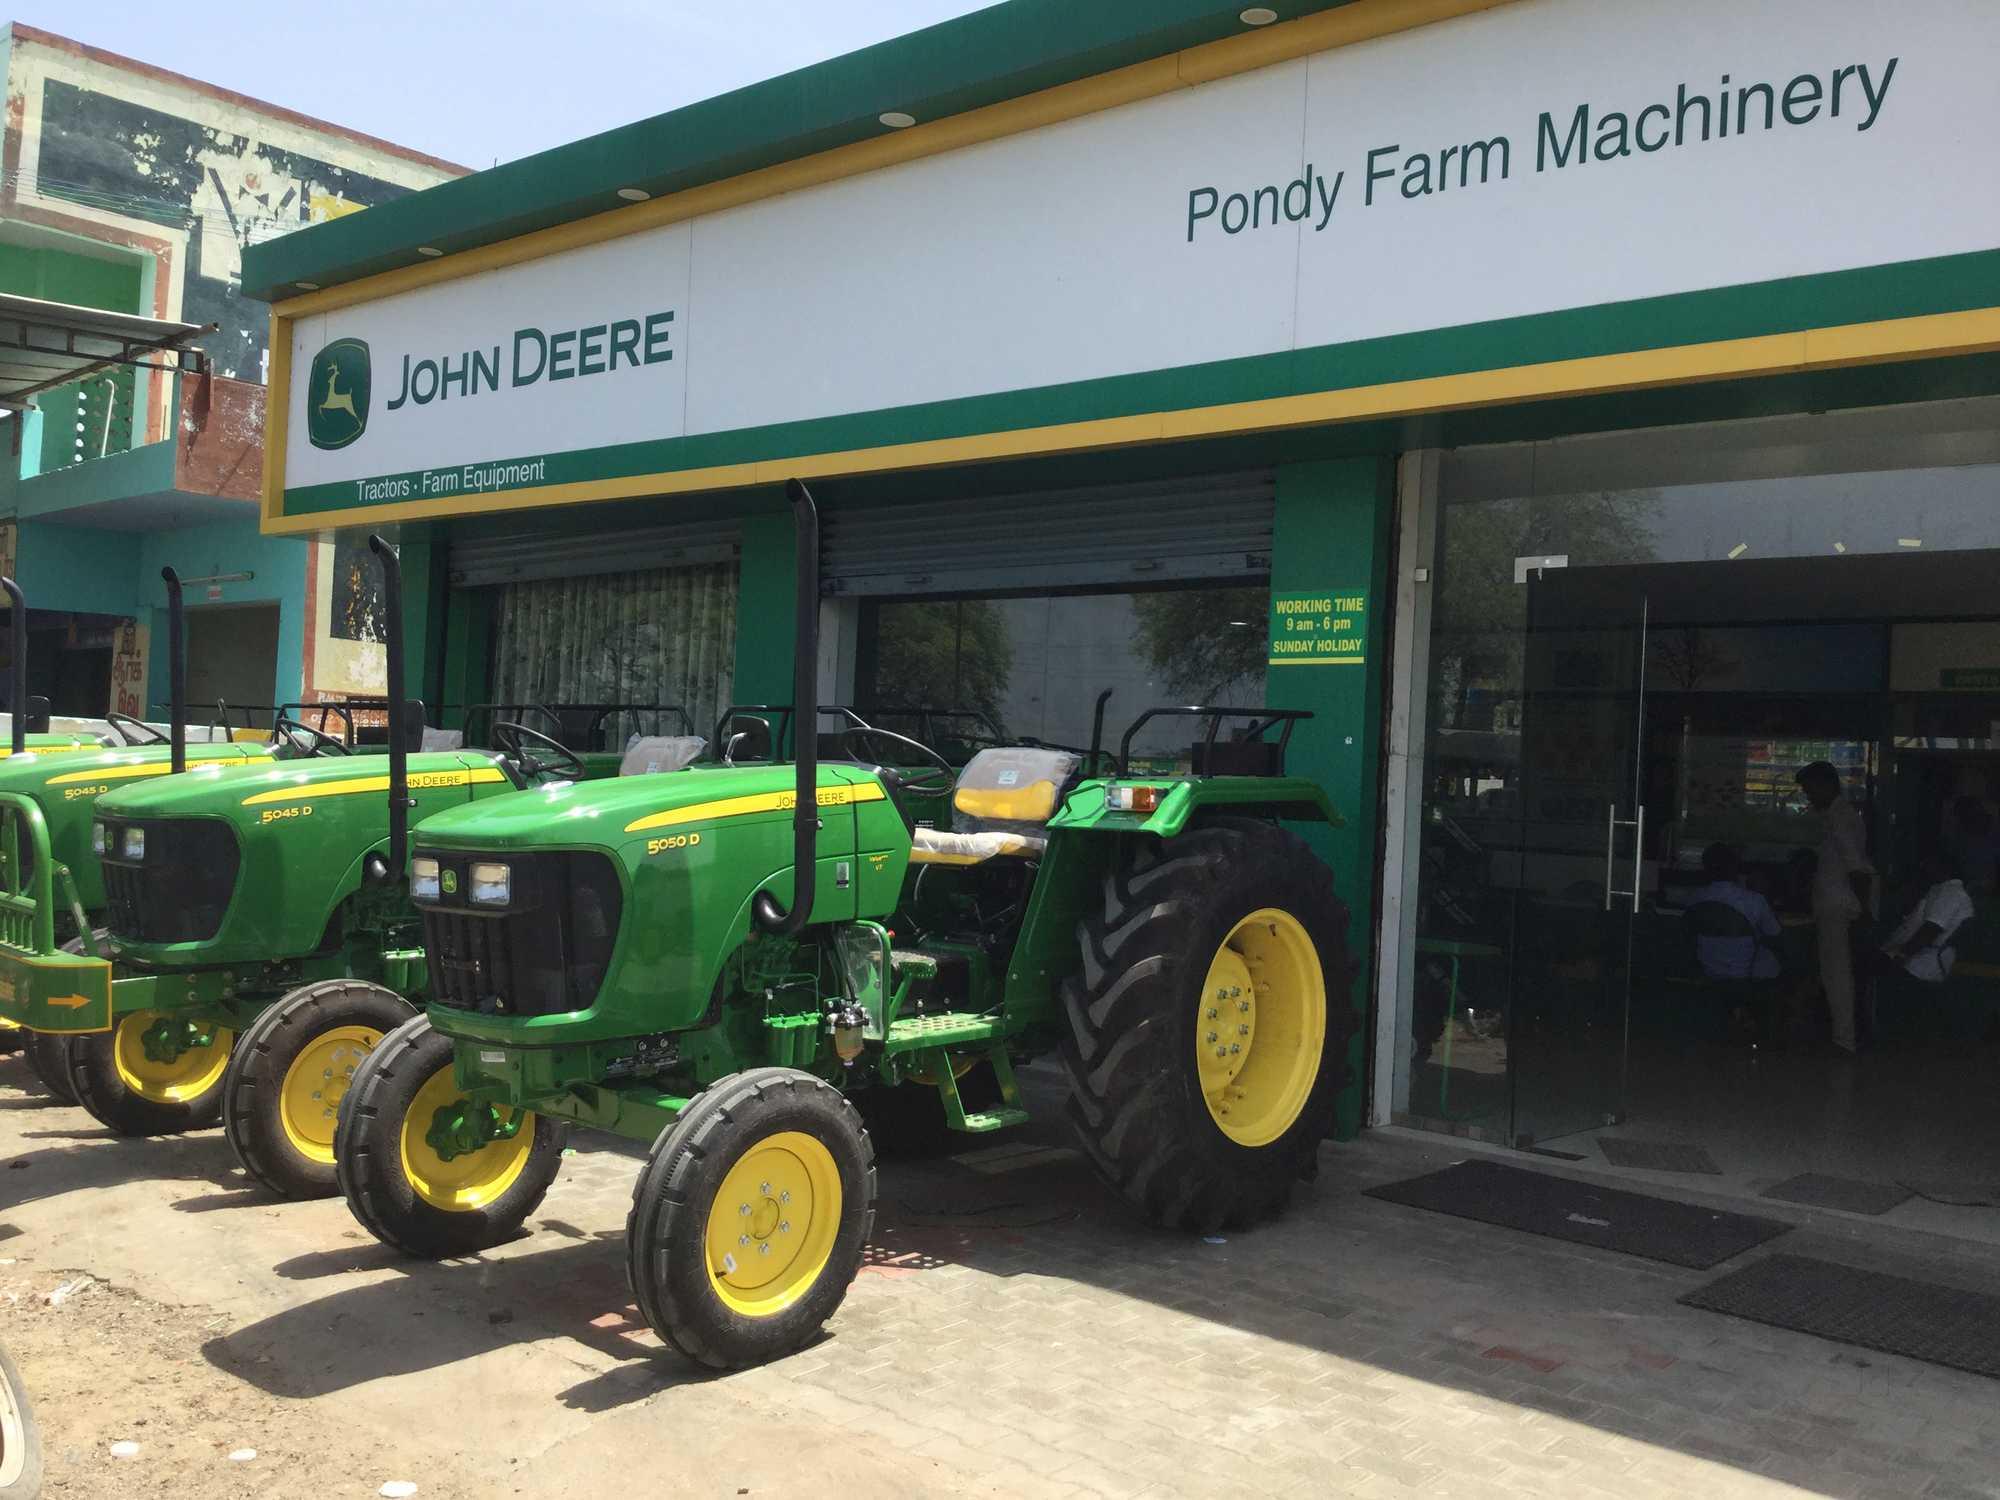 Top John Deere Tractor Dealers in Villupuram - Best John